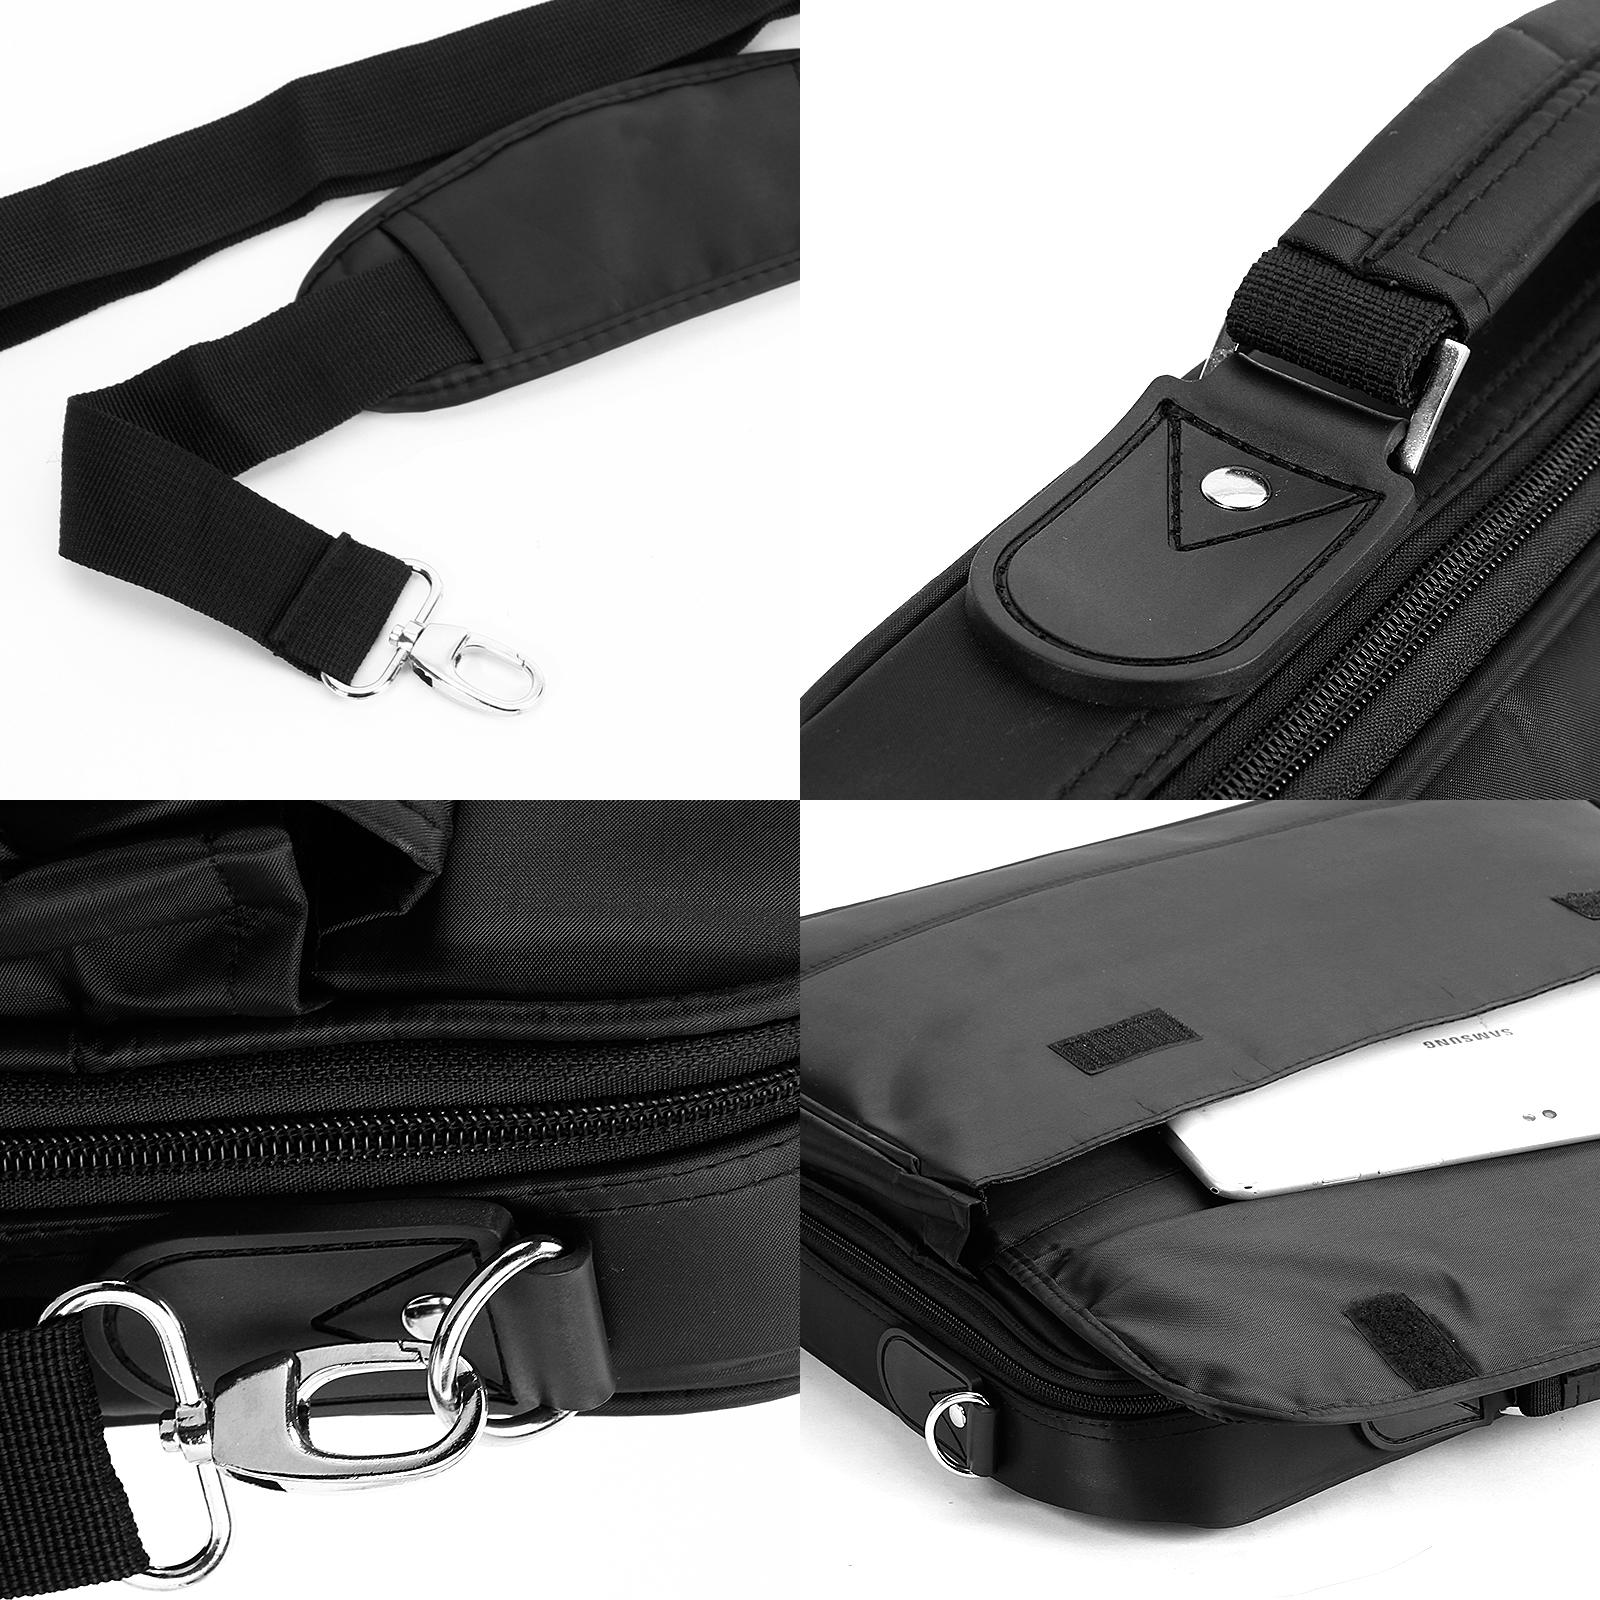 17 zoll notebooktasche laptoptasche tasche wasserdicht f. Black Bedroom Furniture Sets. Home Design Ideas